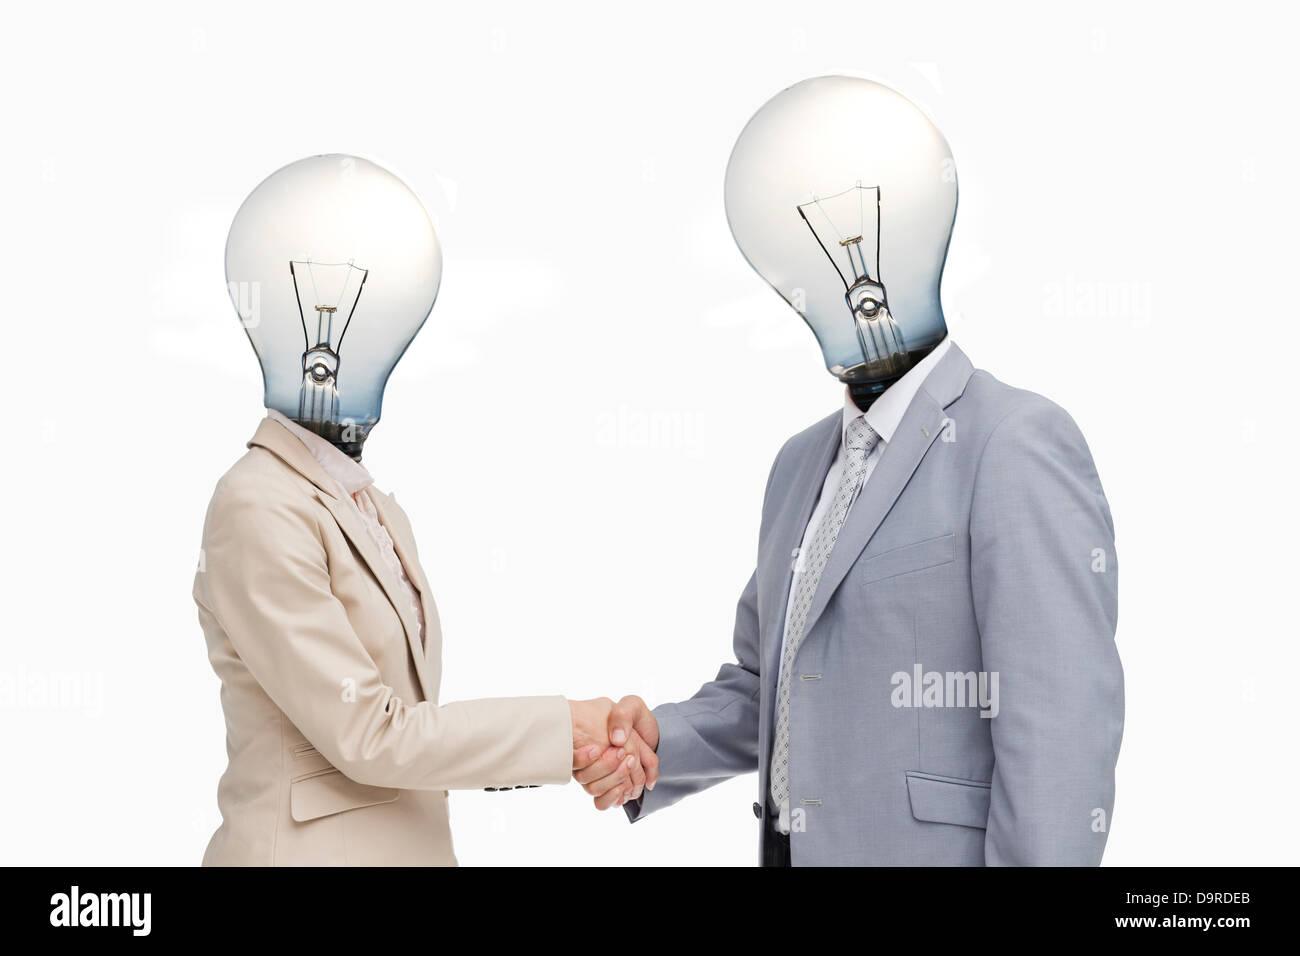 La gente di affari con teste di lampadine saluto con una stretta di mano Immagini Stock